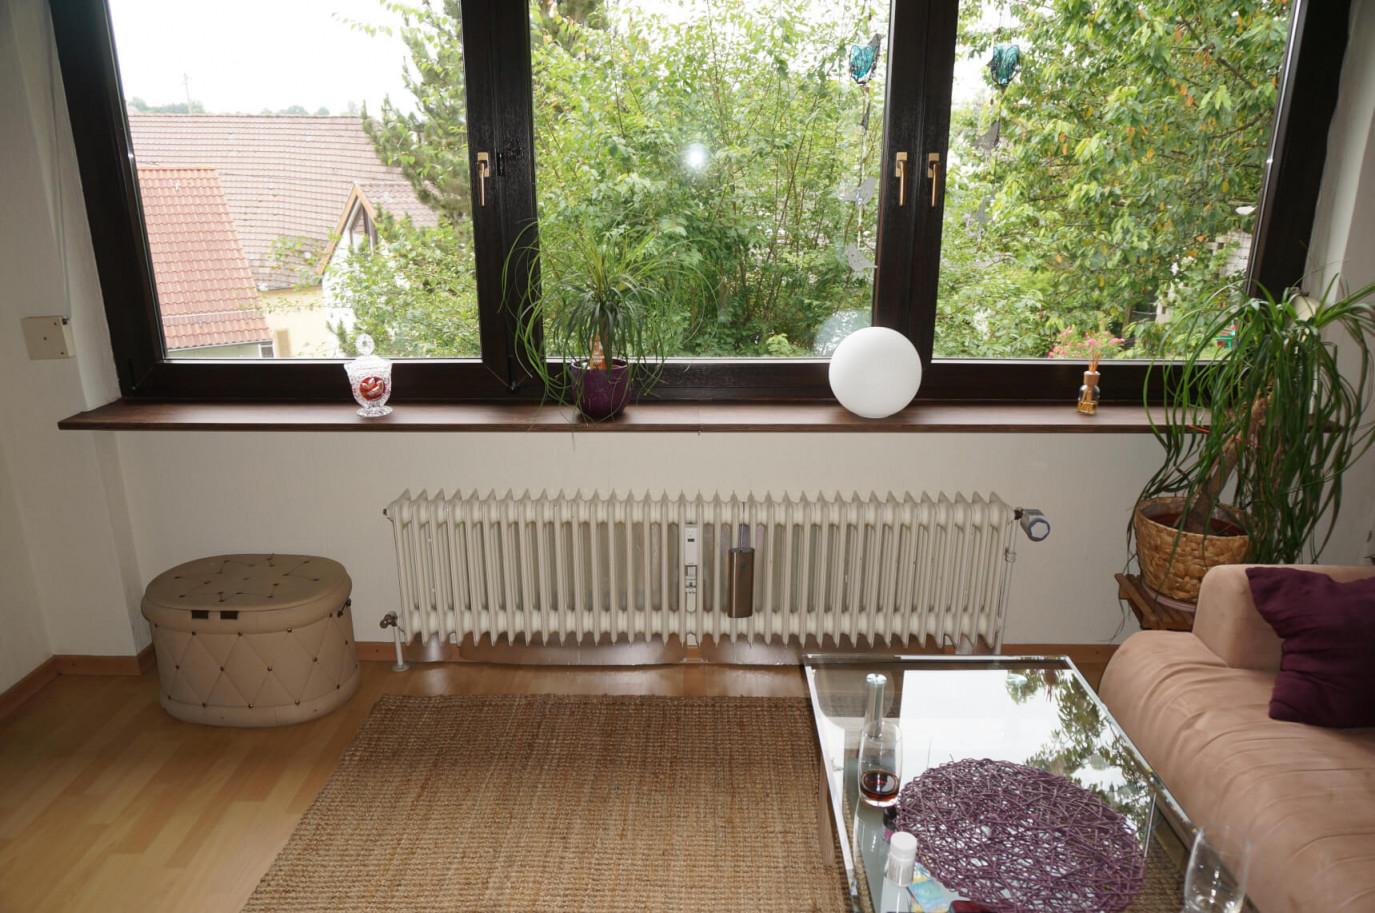 Fensterbank Deko  Holzdekor  Möbelfolie  Resimdo von Fensterbank Deko Wohnzimmer Bild